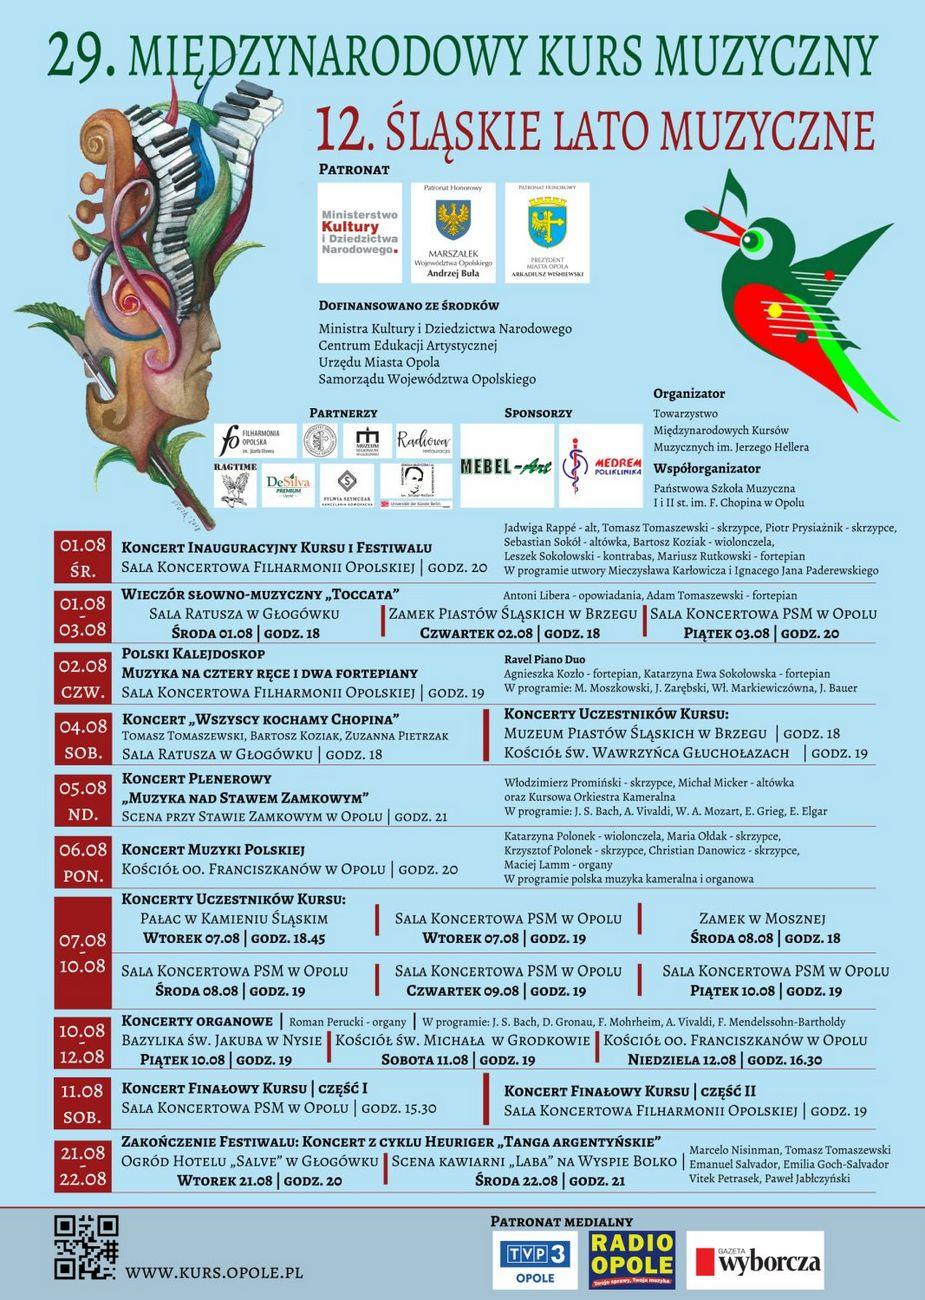 """Czas na 29. Międzynarodowy Kurs Muzyczny oraz XII Festiwal """"Śląskie Lato Muzyczne"""" – poznaj harmonogram koncertów! [materiały organizatora]"""